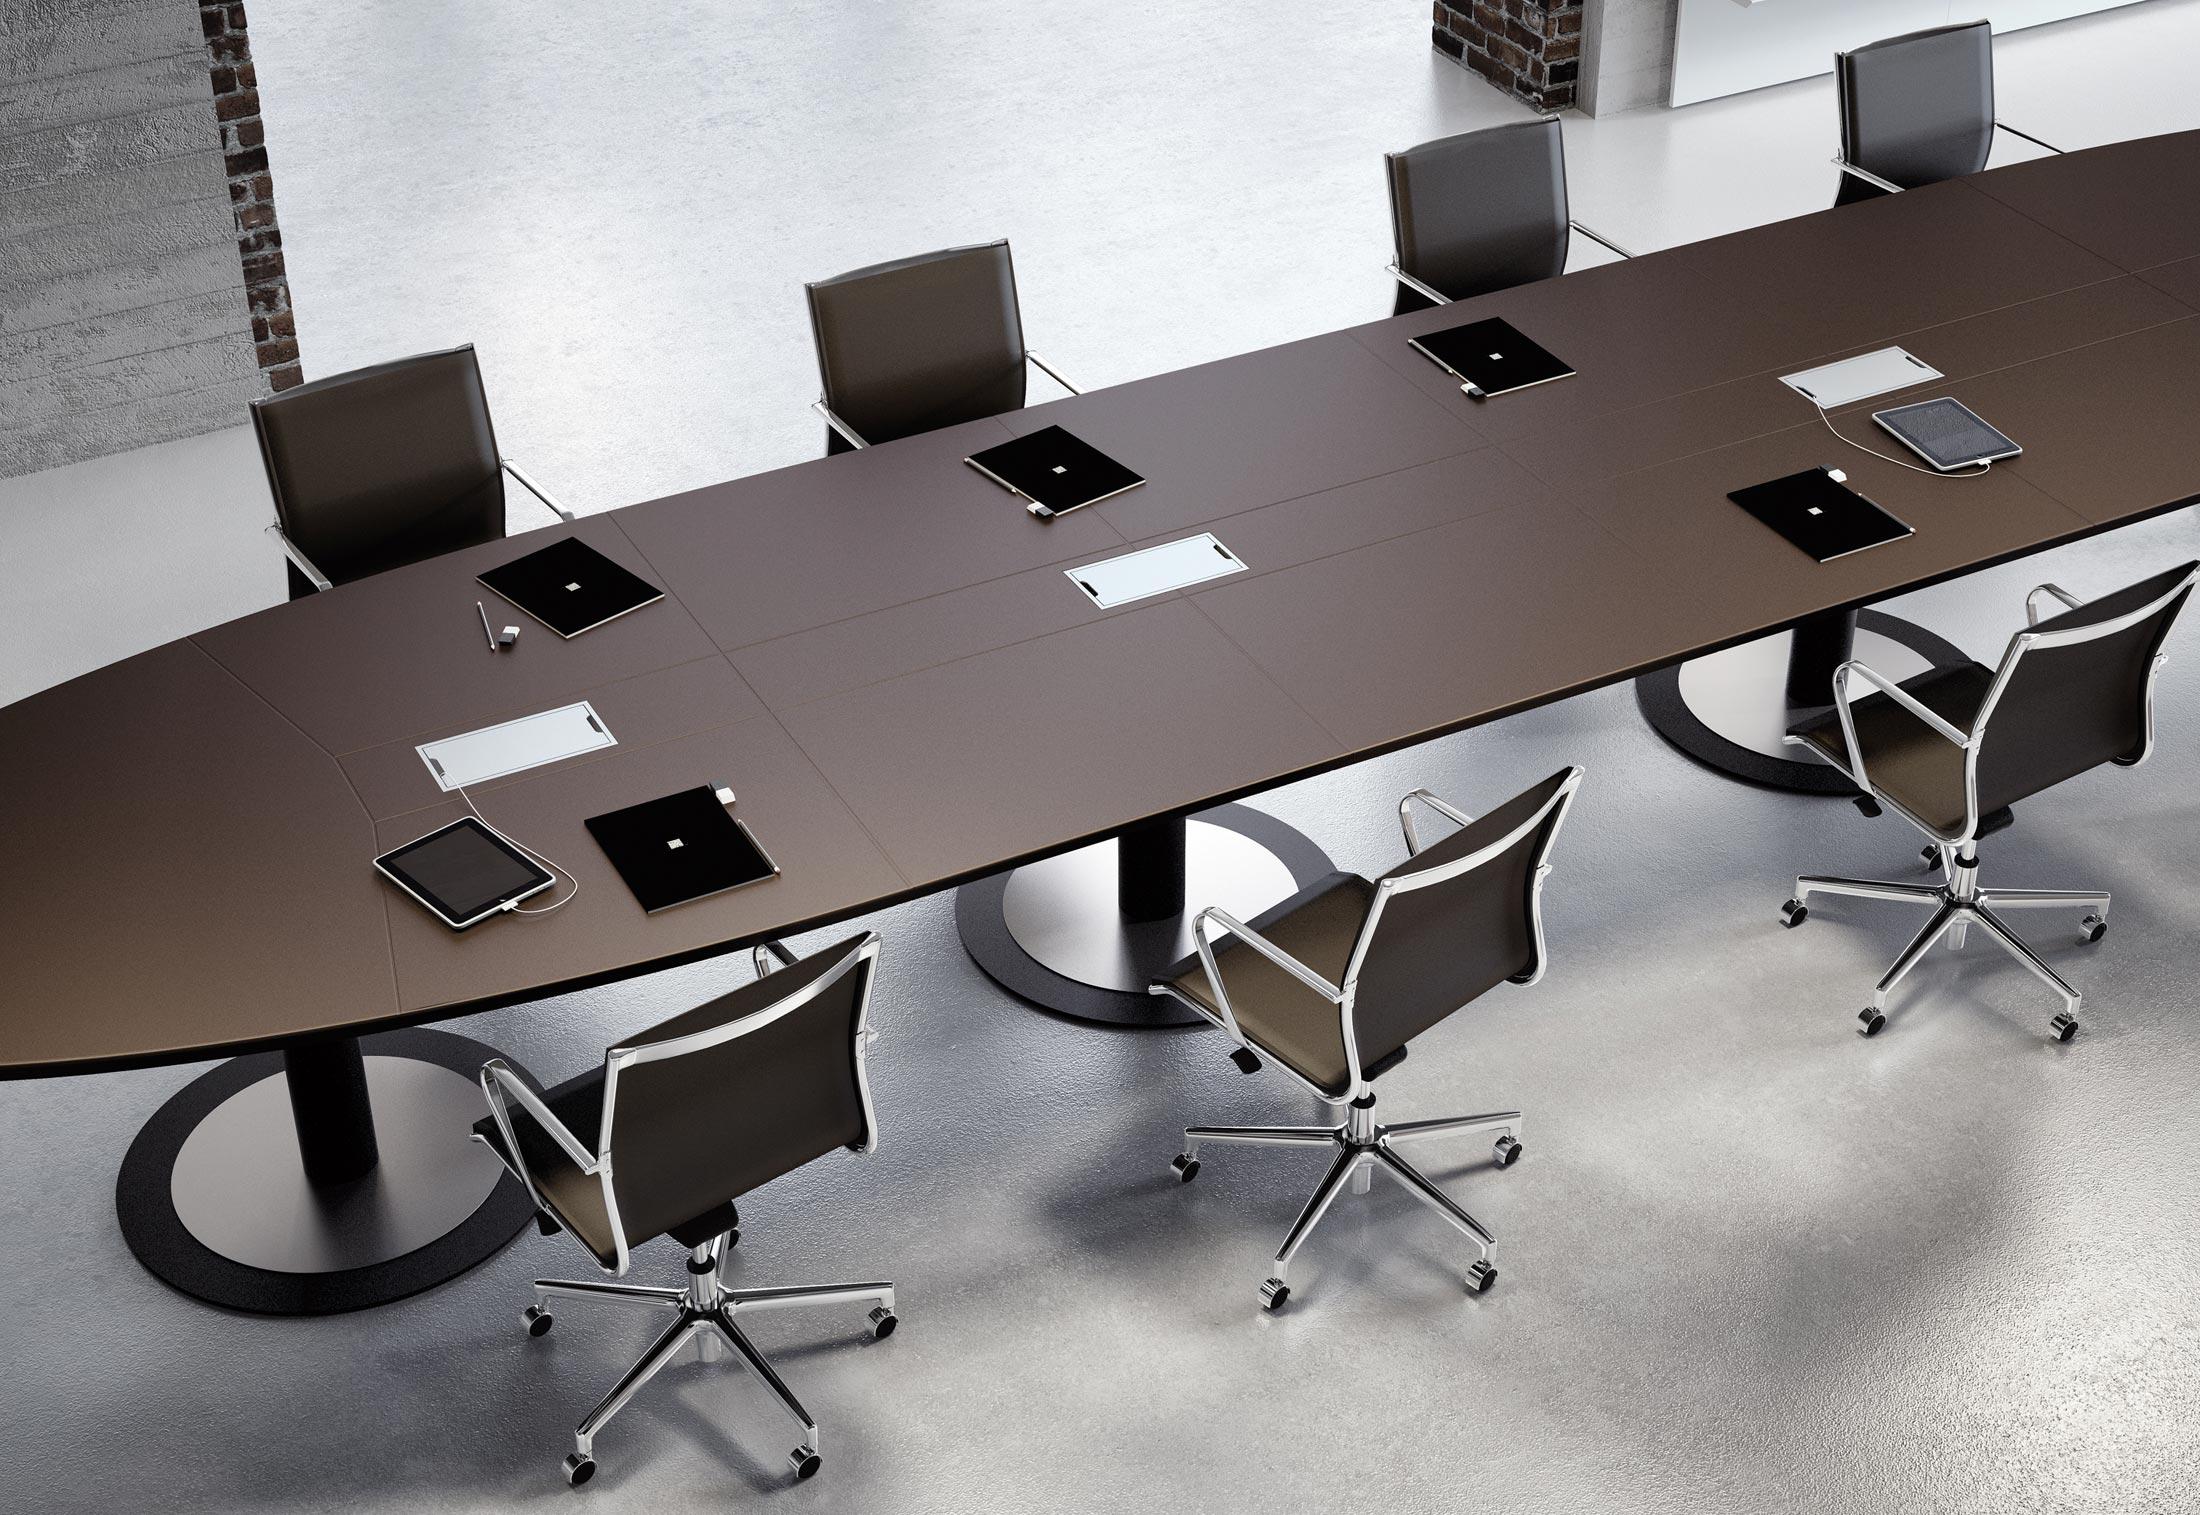 Kinh nghiệm chọn bàn ghế họp cho văn phòng làm việc hiện đại